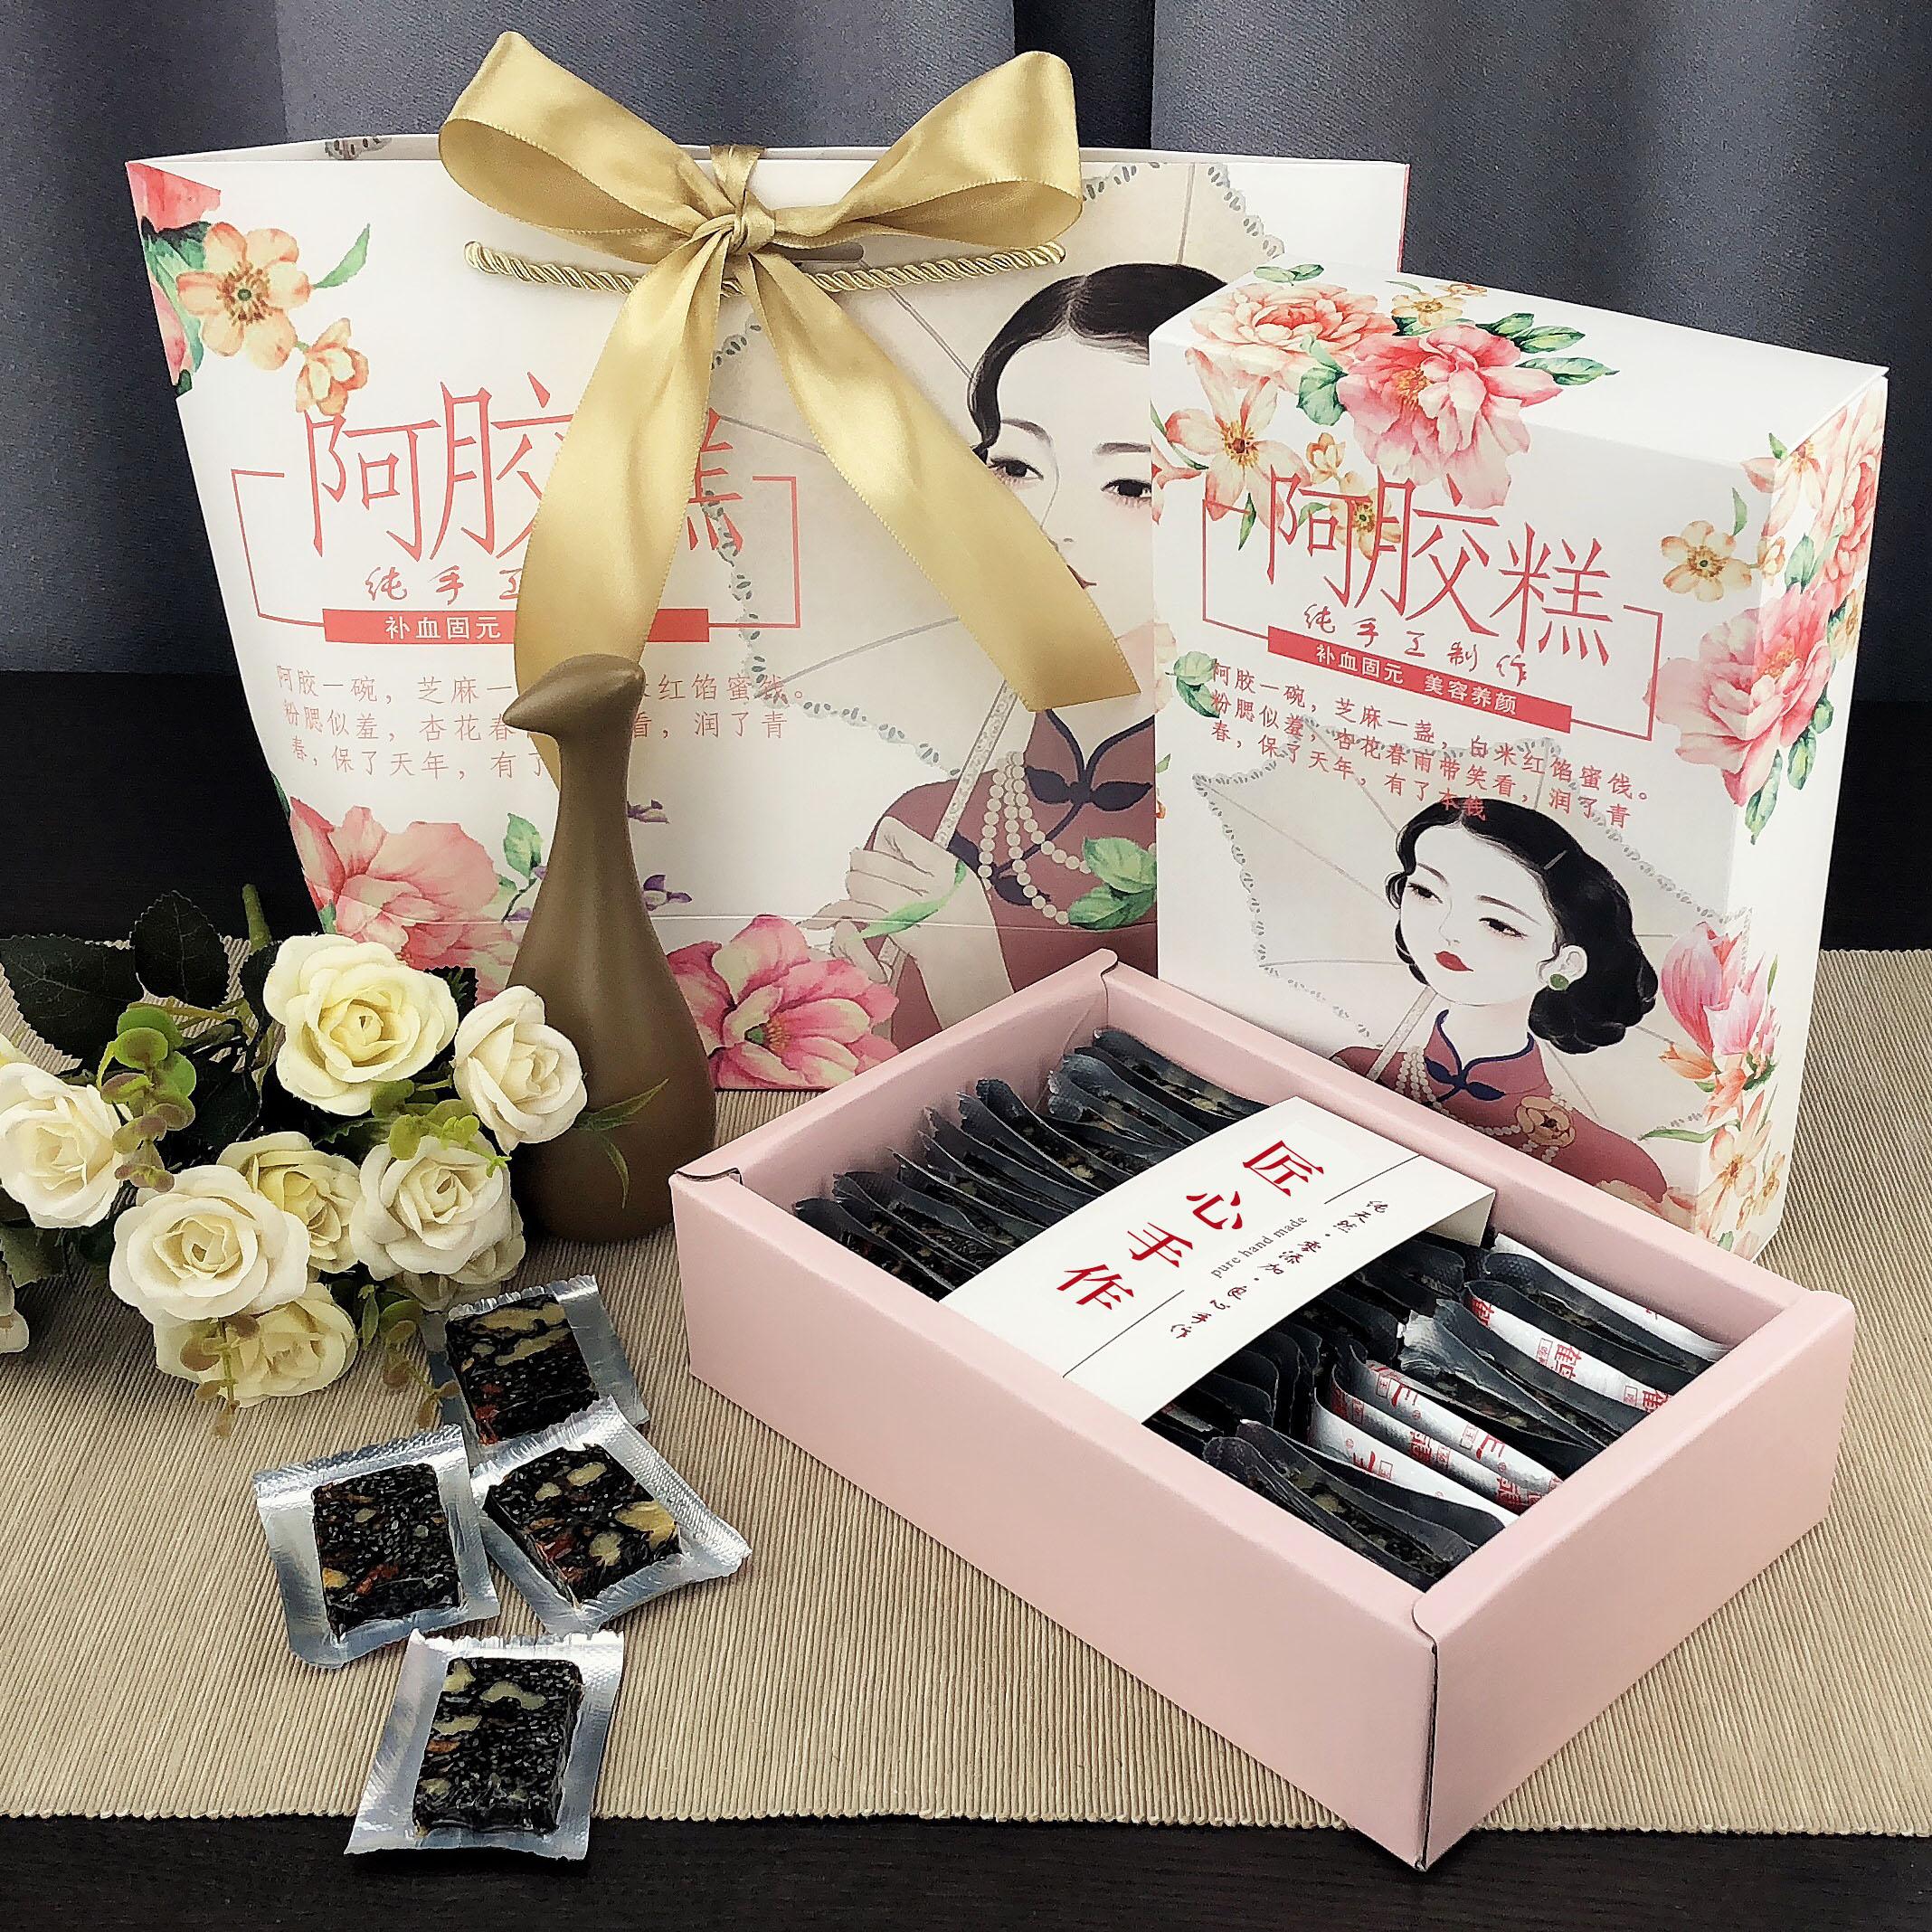 纯手工制作装阿胶糕包装盒子手提袋500g一斤的外礼盒高档250g半斤2.30元包邮